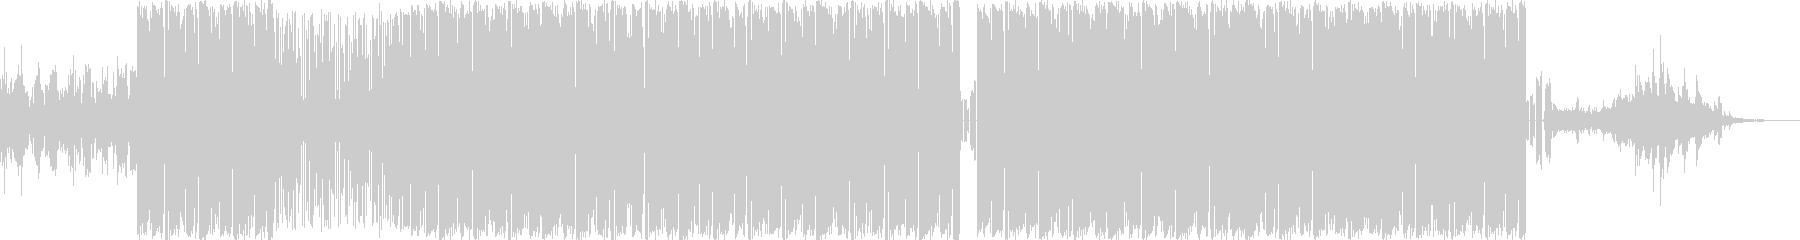 メロウなヒップホップビートのインストの未再生の波形